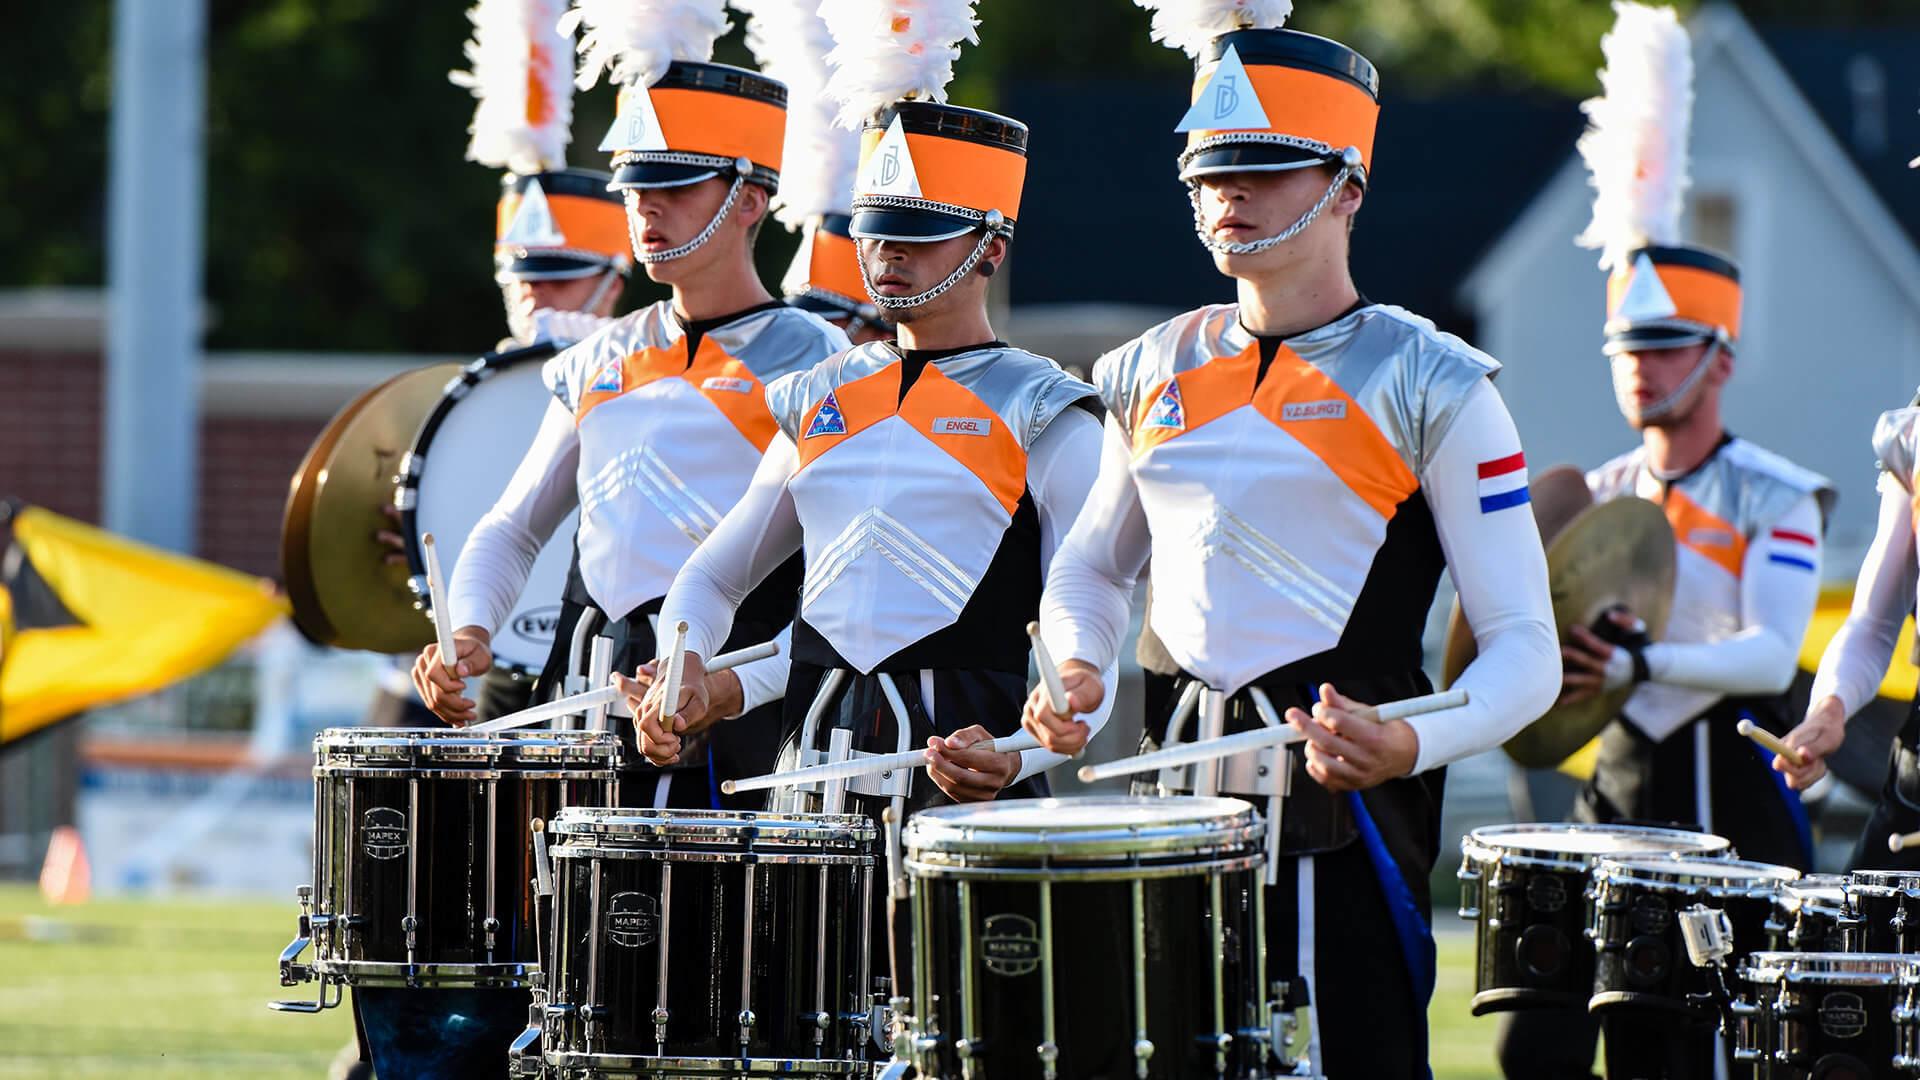 Dutch corps Jubal sets sights on 2018 U.S. tour